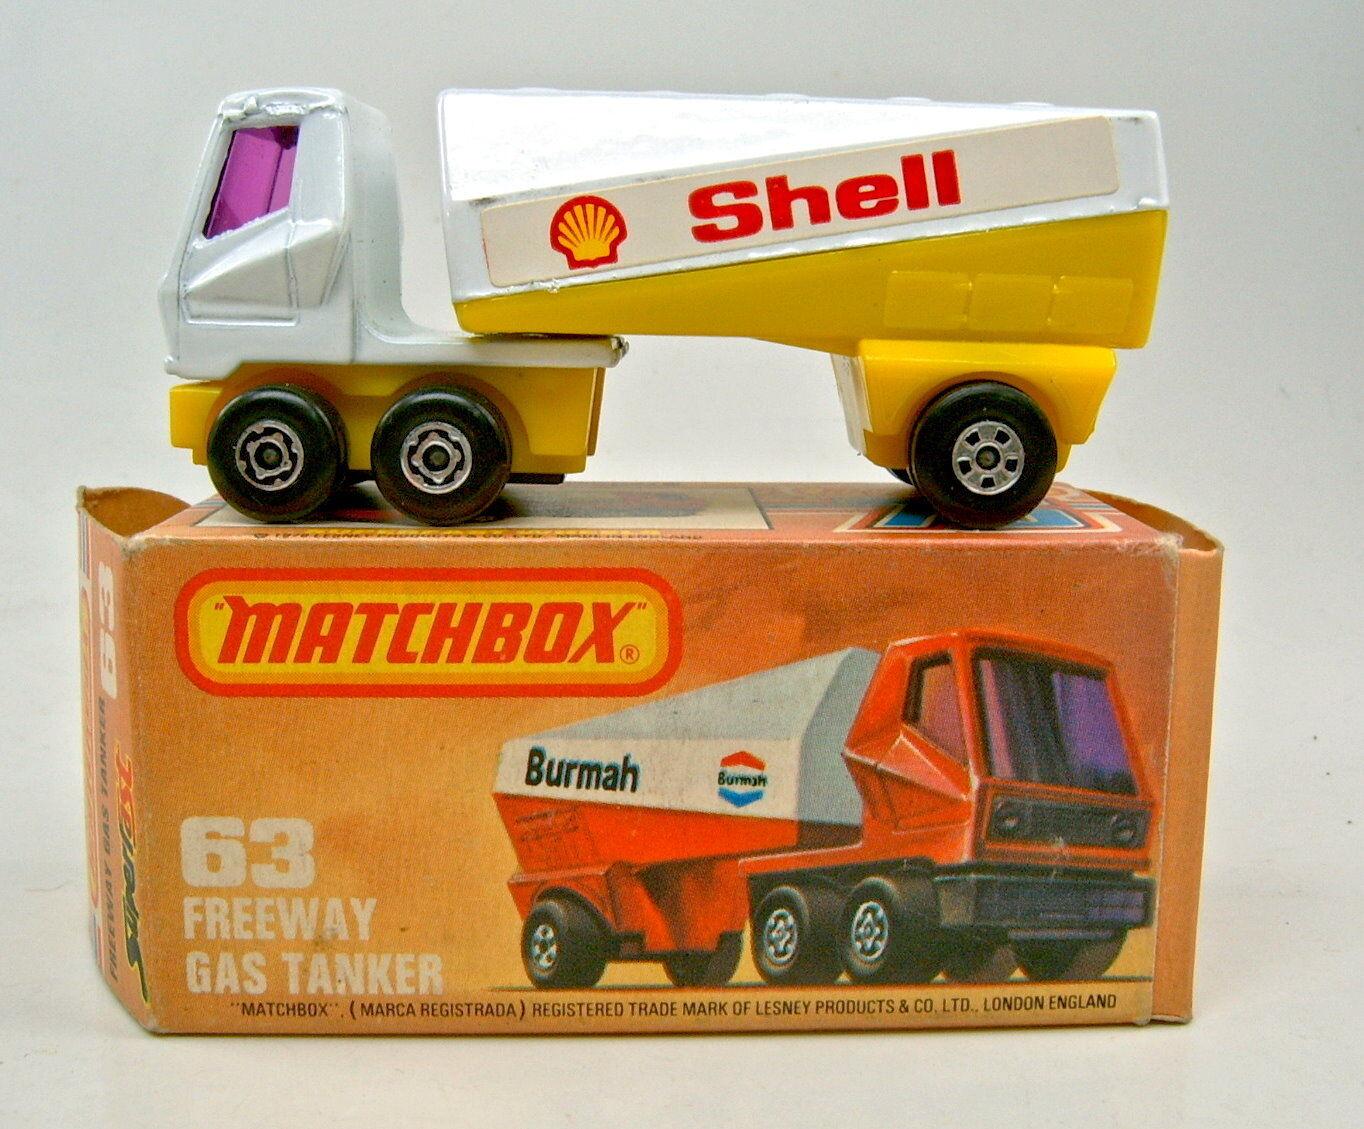 Matchbox SF Nr.63B Freeway Tanker  Shell  lila Scheiben in OVP  | Sehr gelobt und vom Publikum der Verbraucher geschätzt